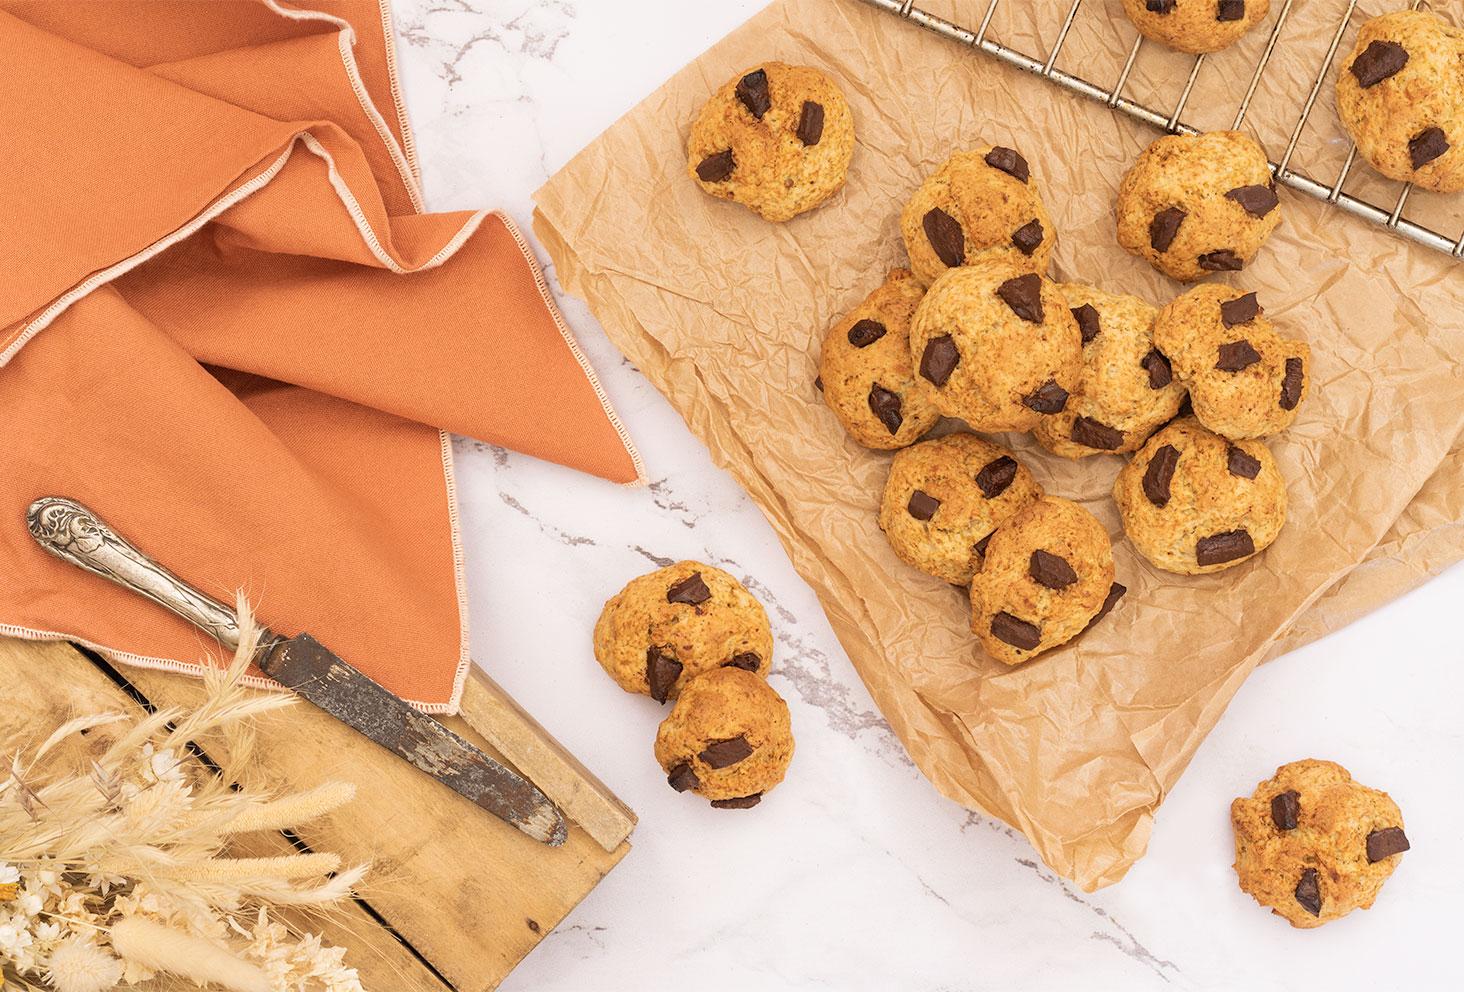 Recette facile de cookies sans œufs aux pépites de chocolat et à la banane, posés sur une table en marbre